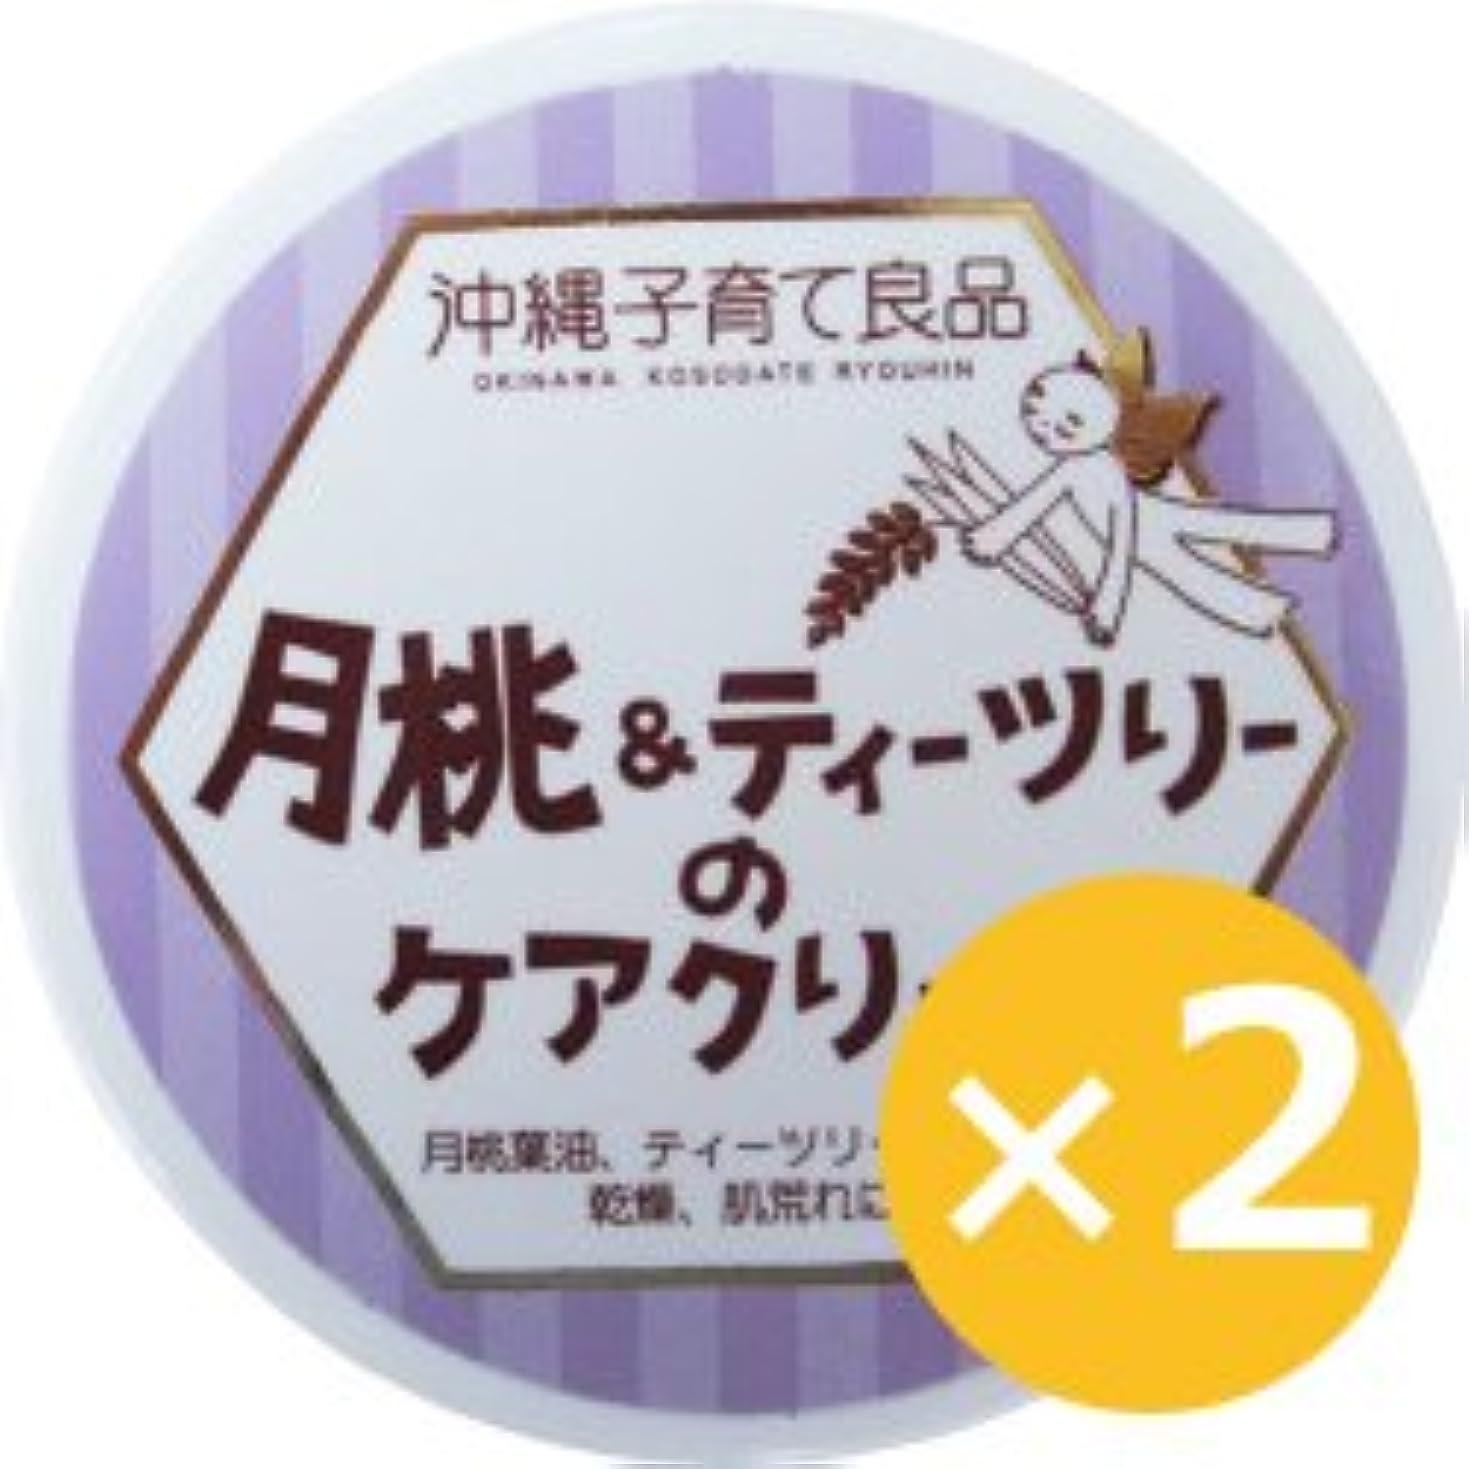 消去値下げチャンピオン月桃&ティーツリークリーム 25g×2